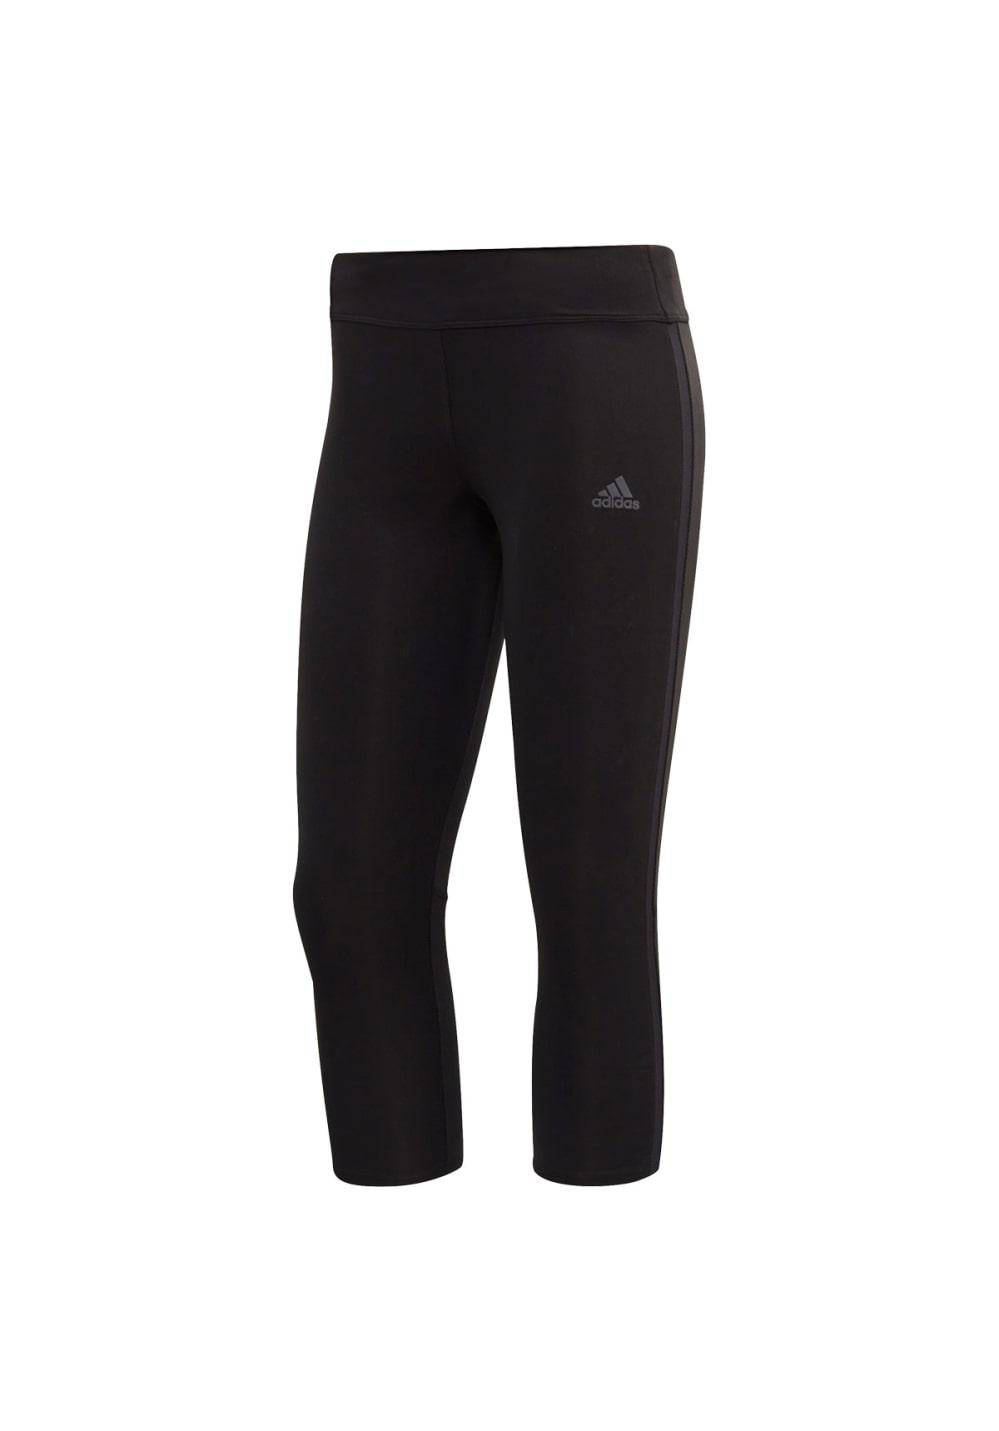 adidas Response 3/4-tight - Laufhosen für Damen - Schwarz